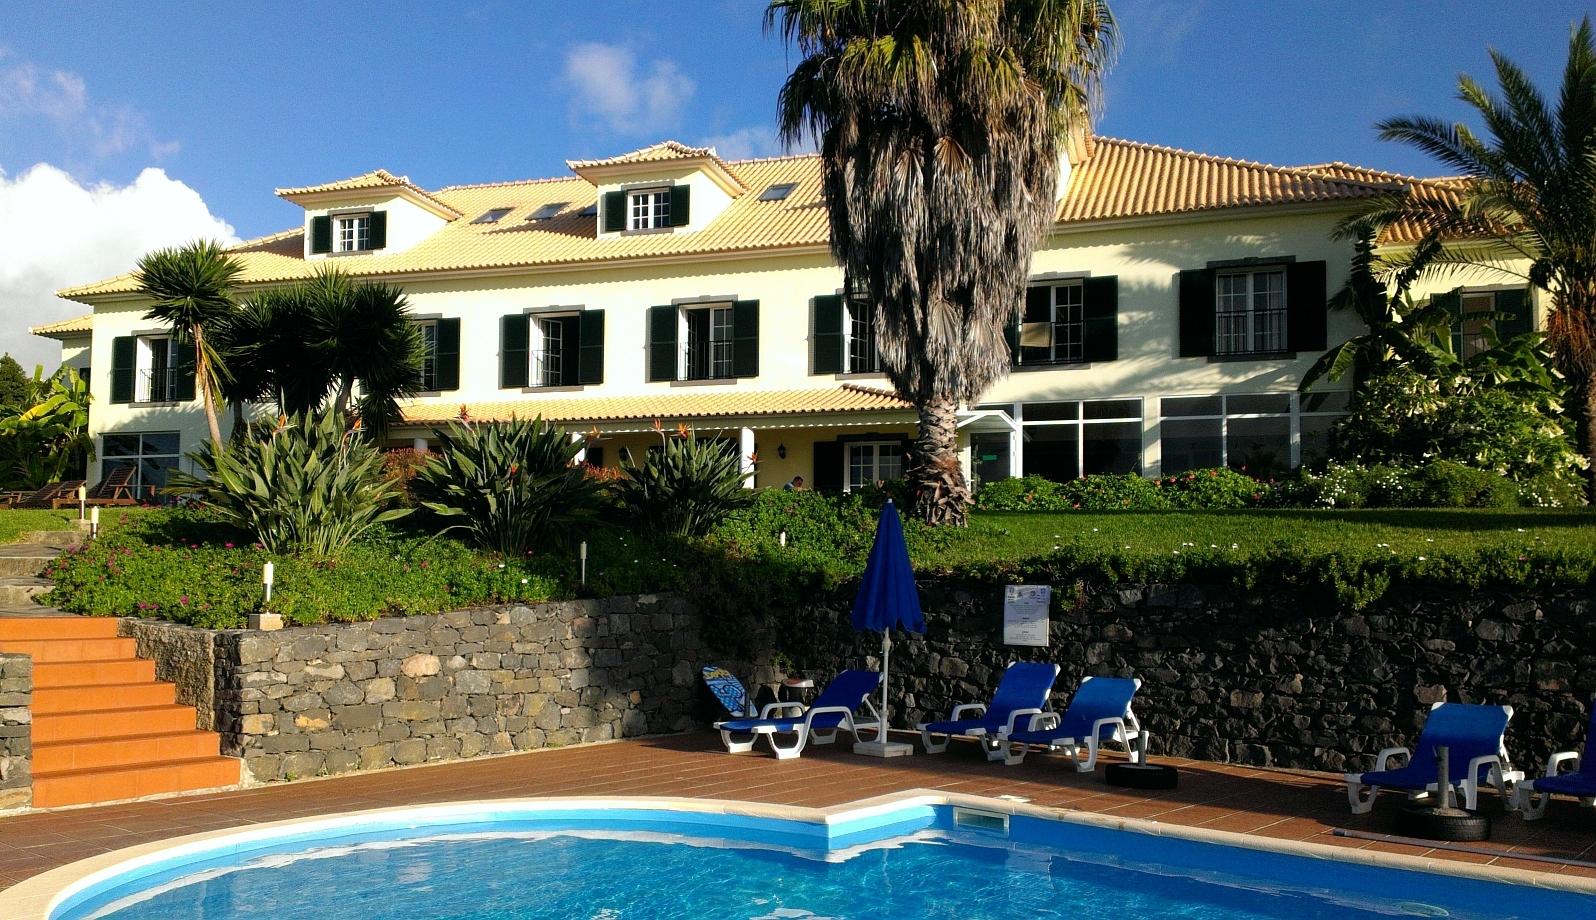 Hotel - Blick vom Pool